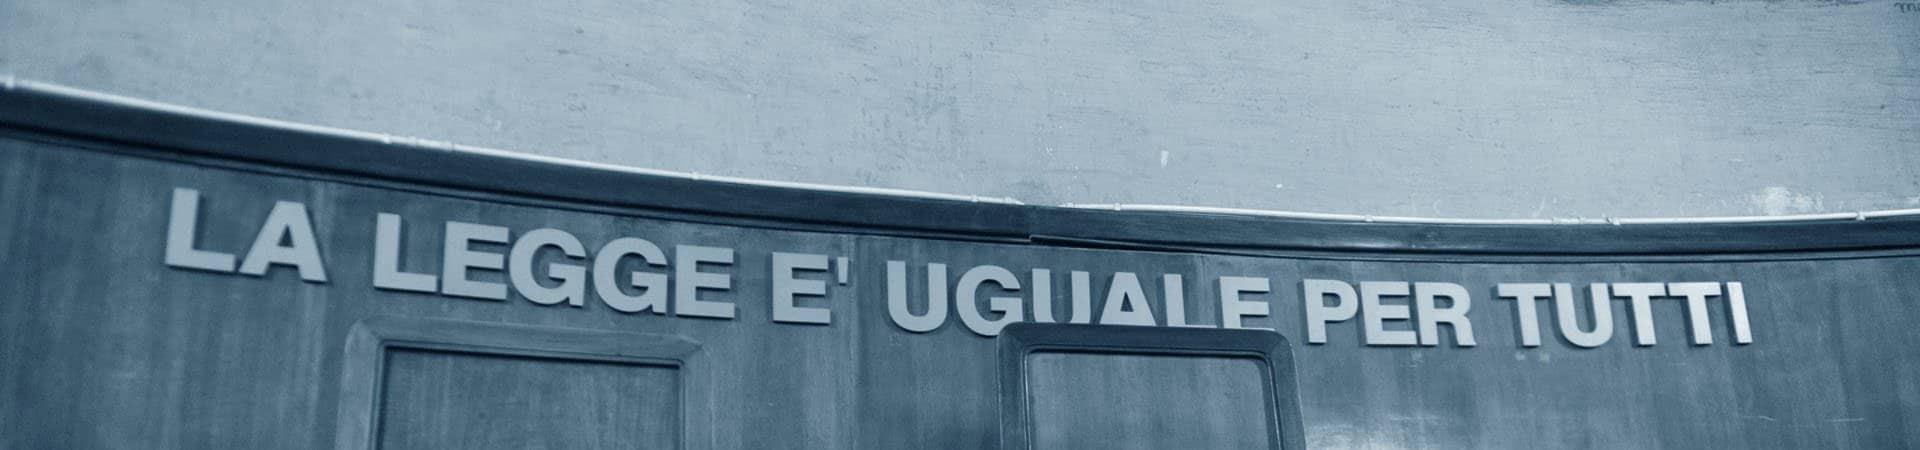 Esecuzioni giudiziare Bergamo | Avvocato Bergamo | Studio Legale Corvino